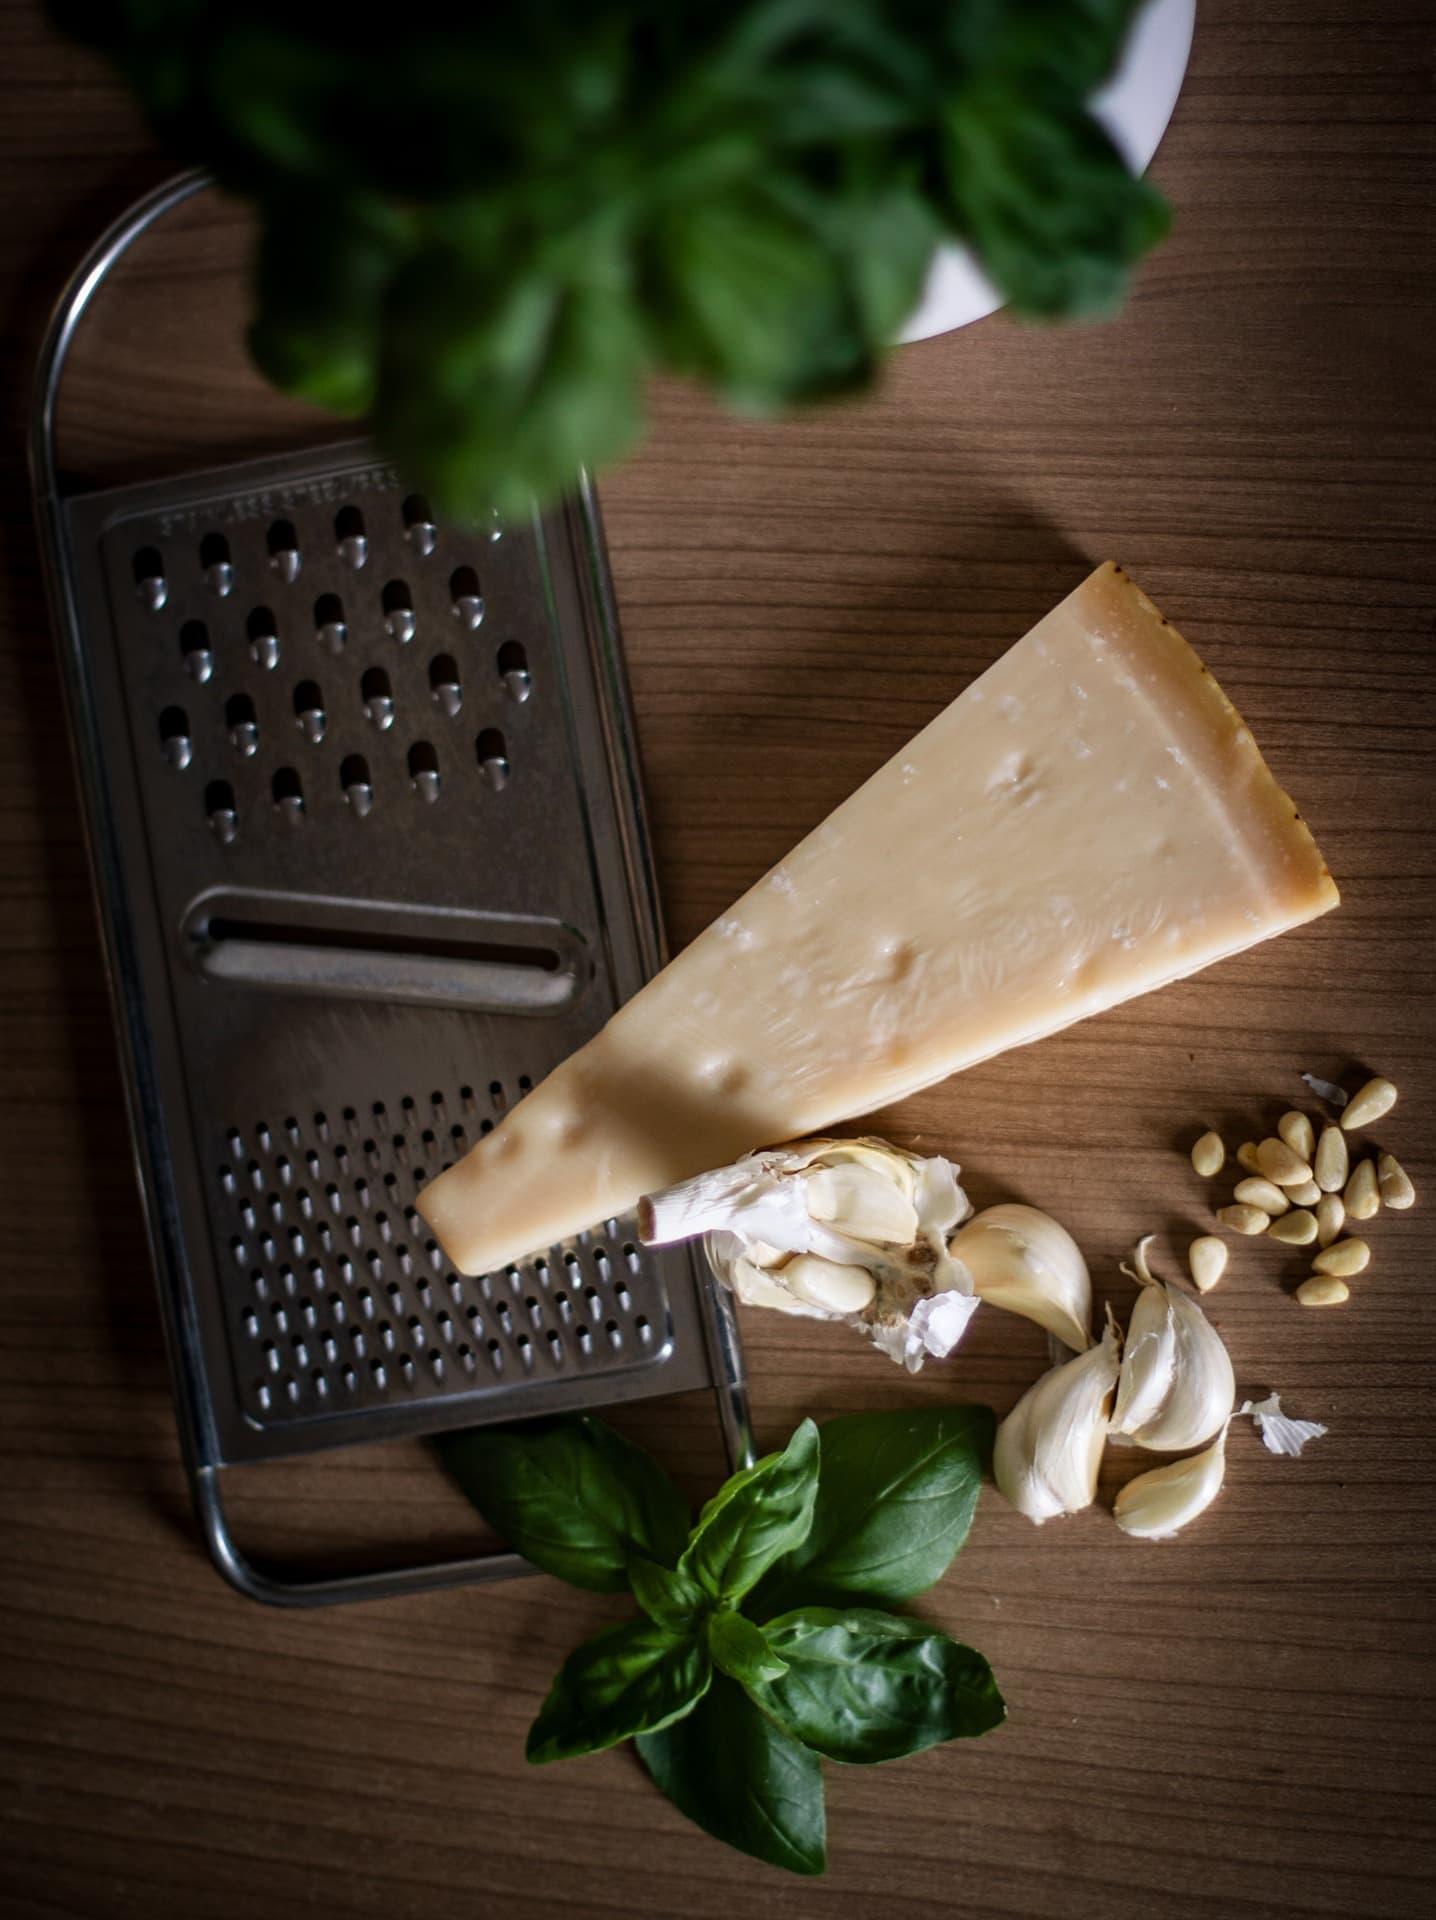 fotografía culinaria de queso parmesano